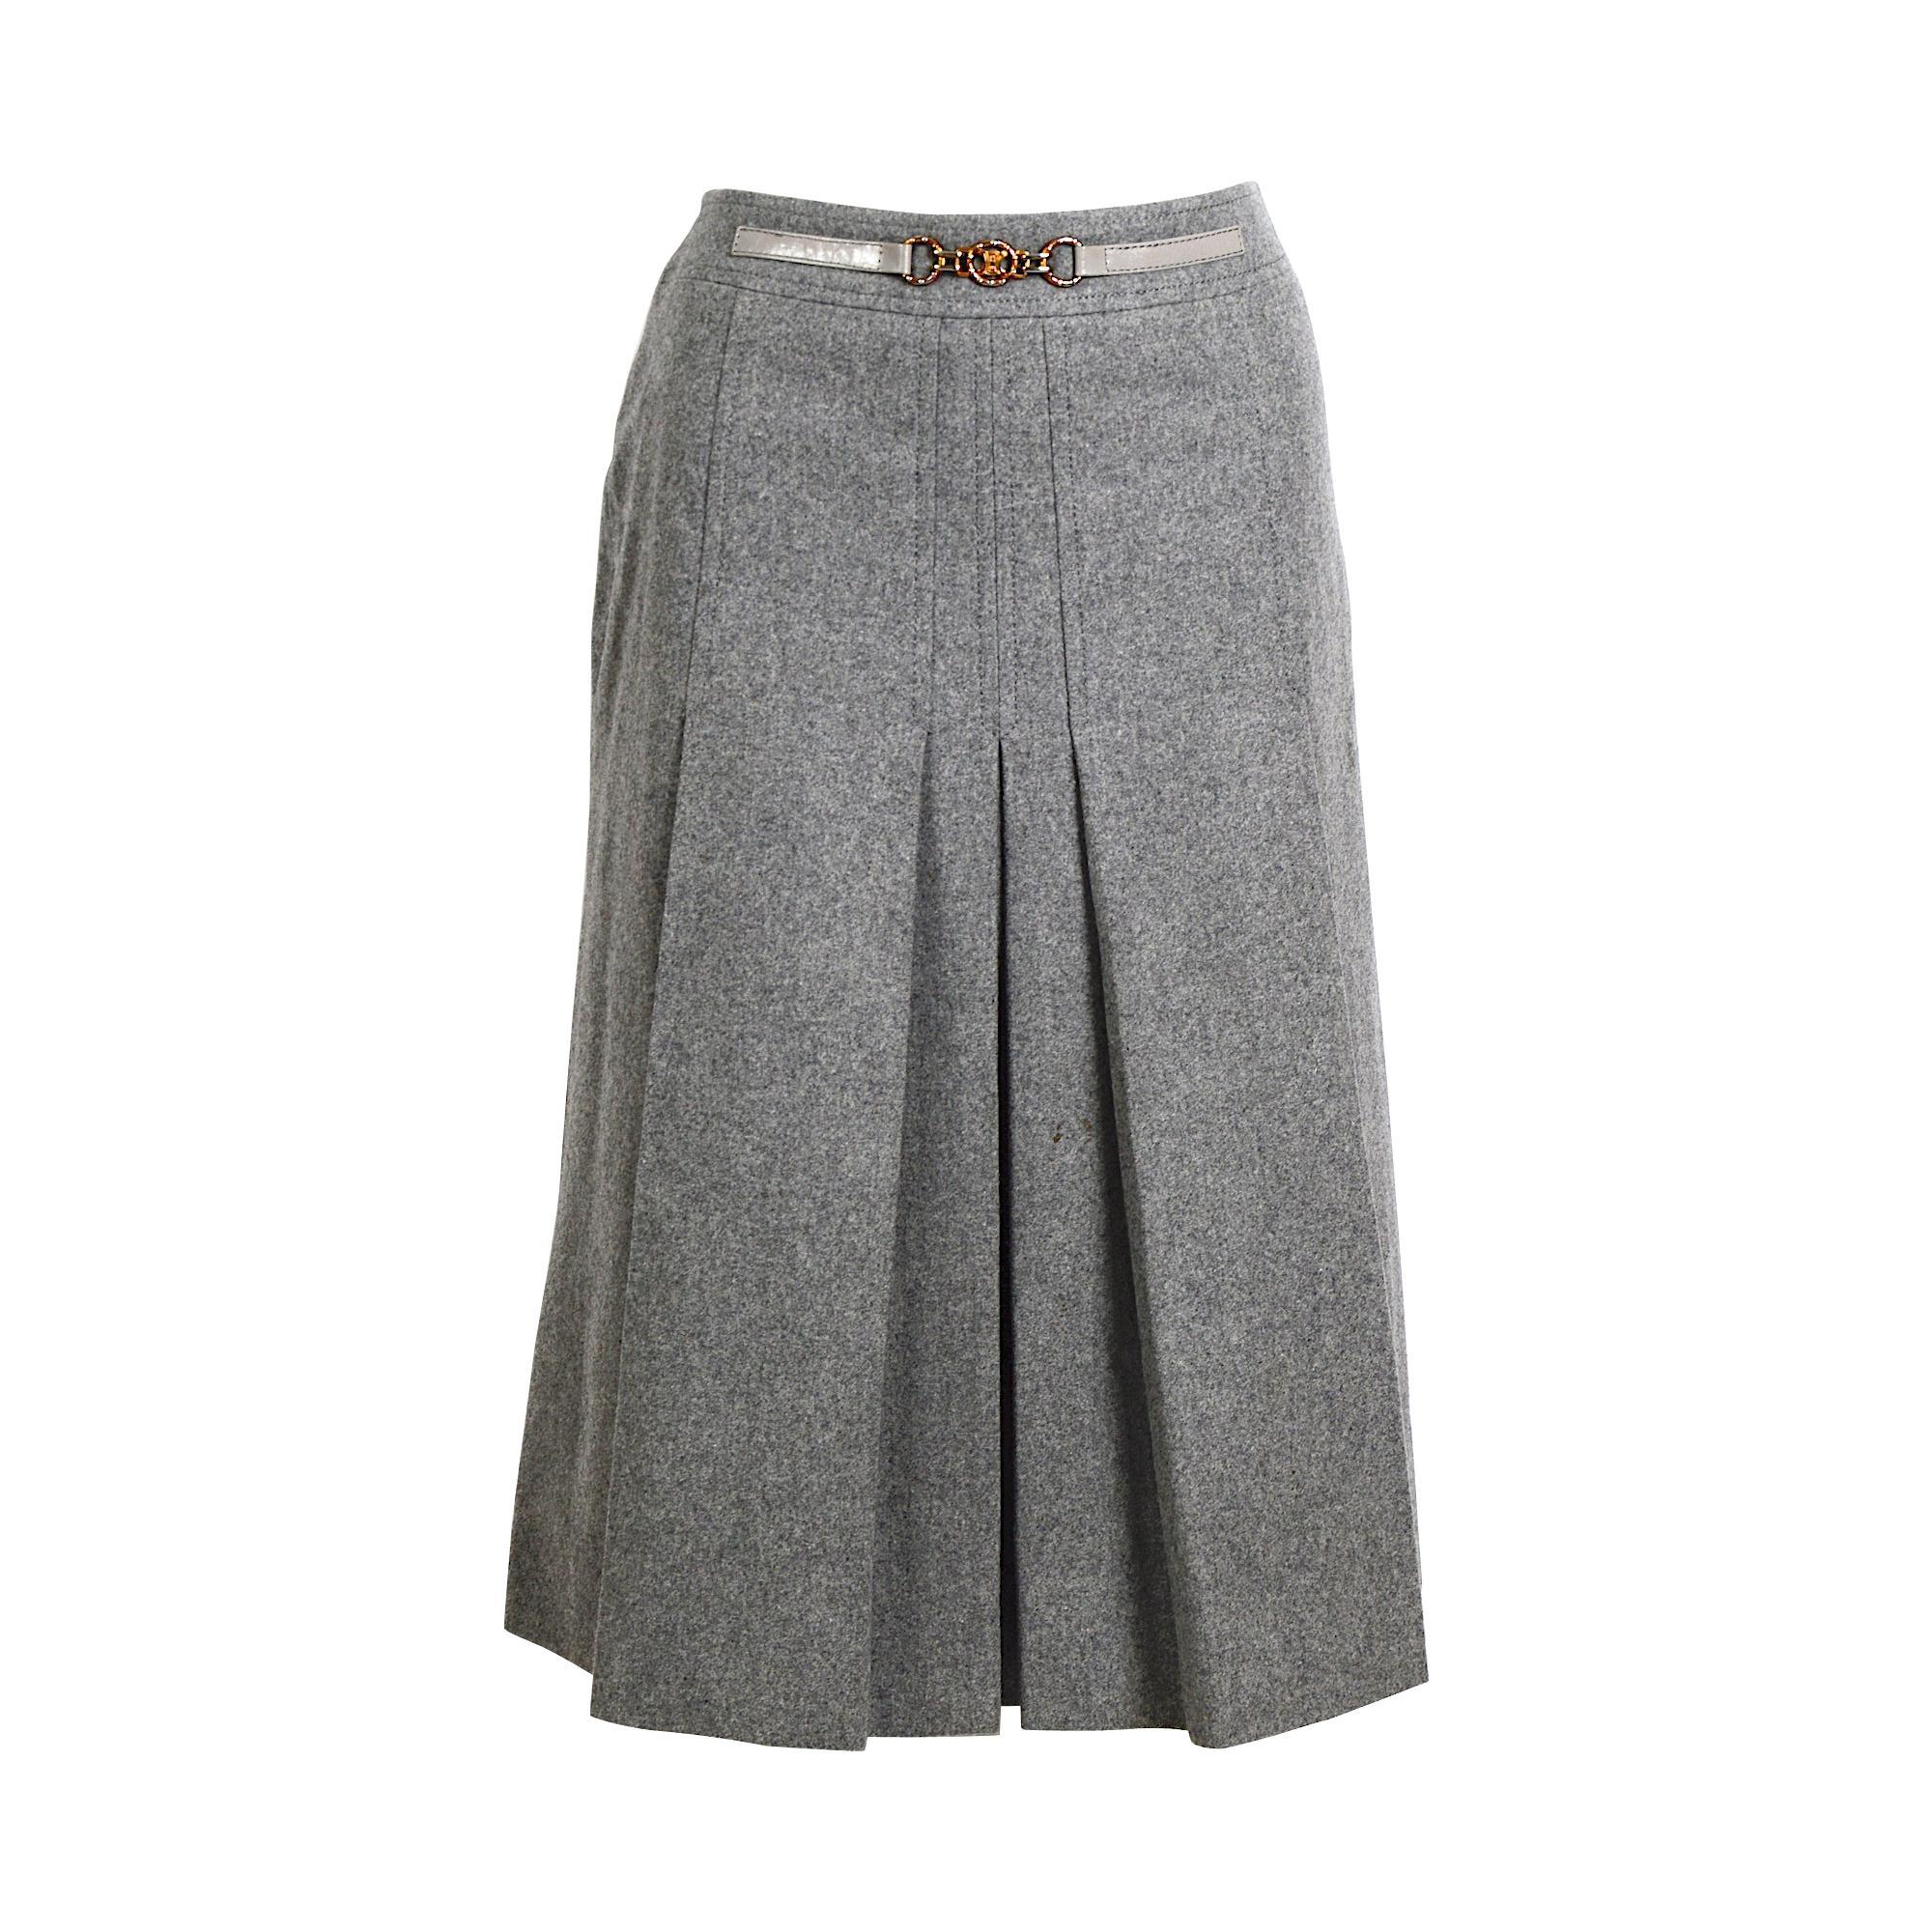 Céline vintage grey wool pleated skirt.